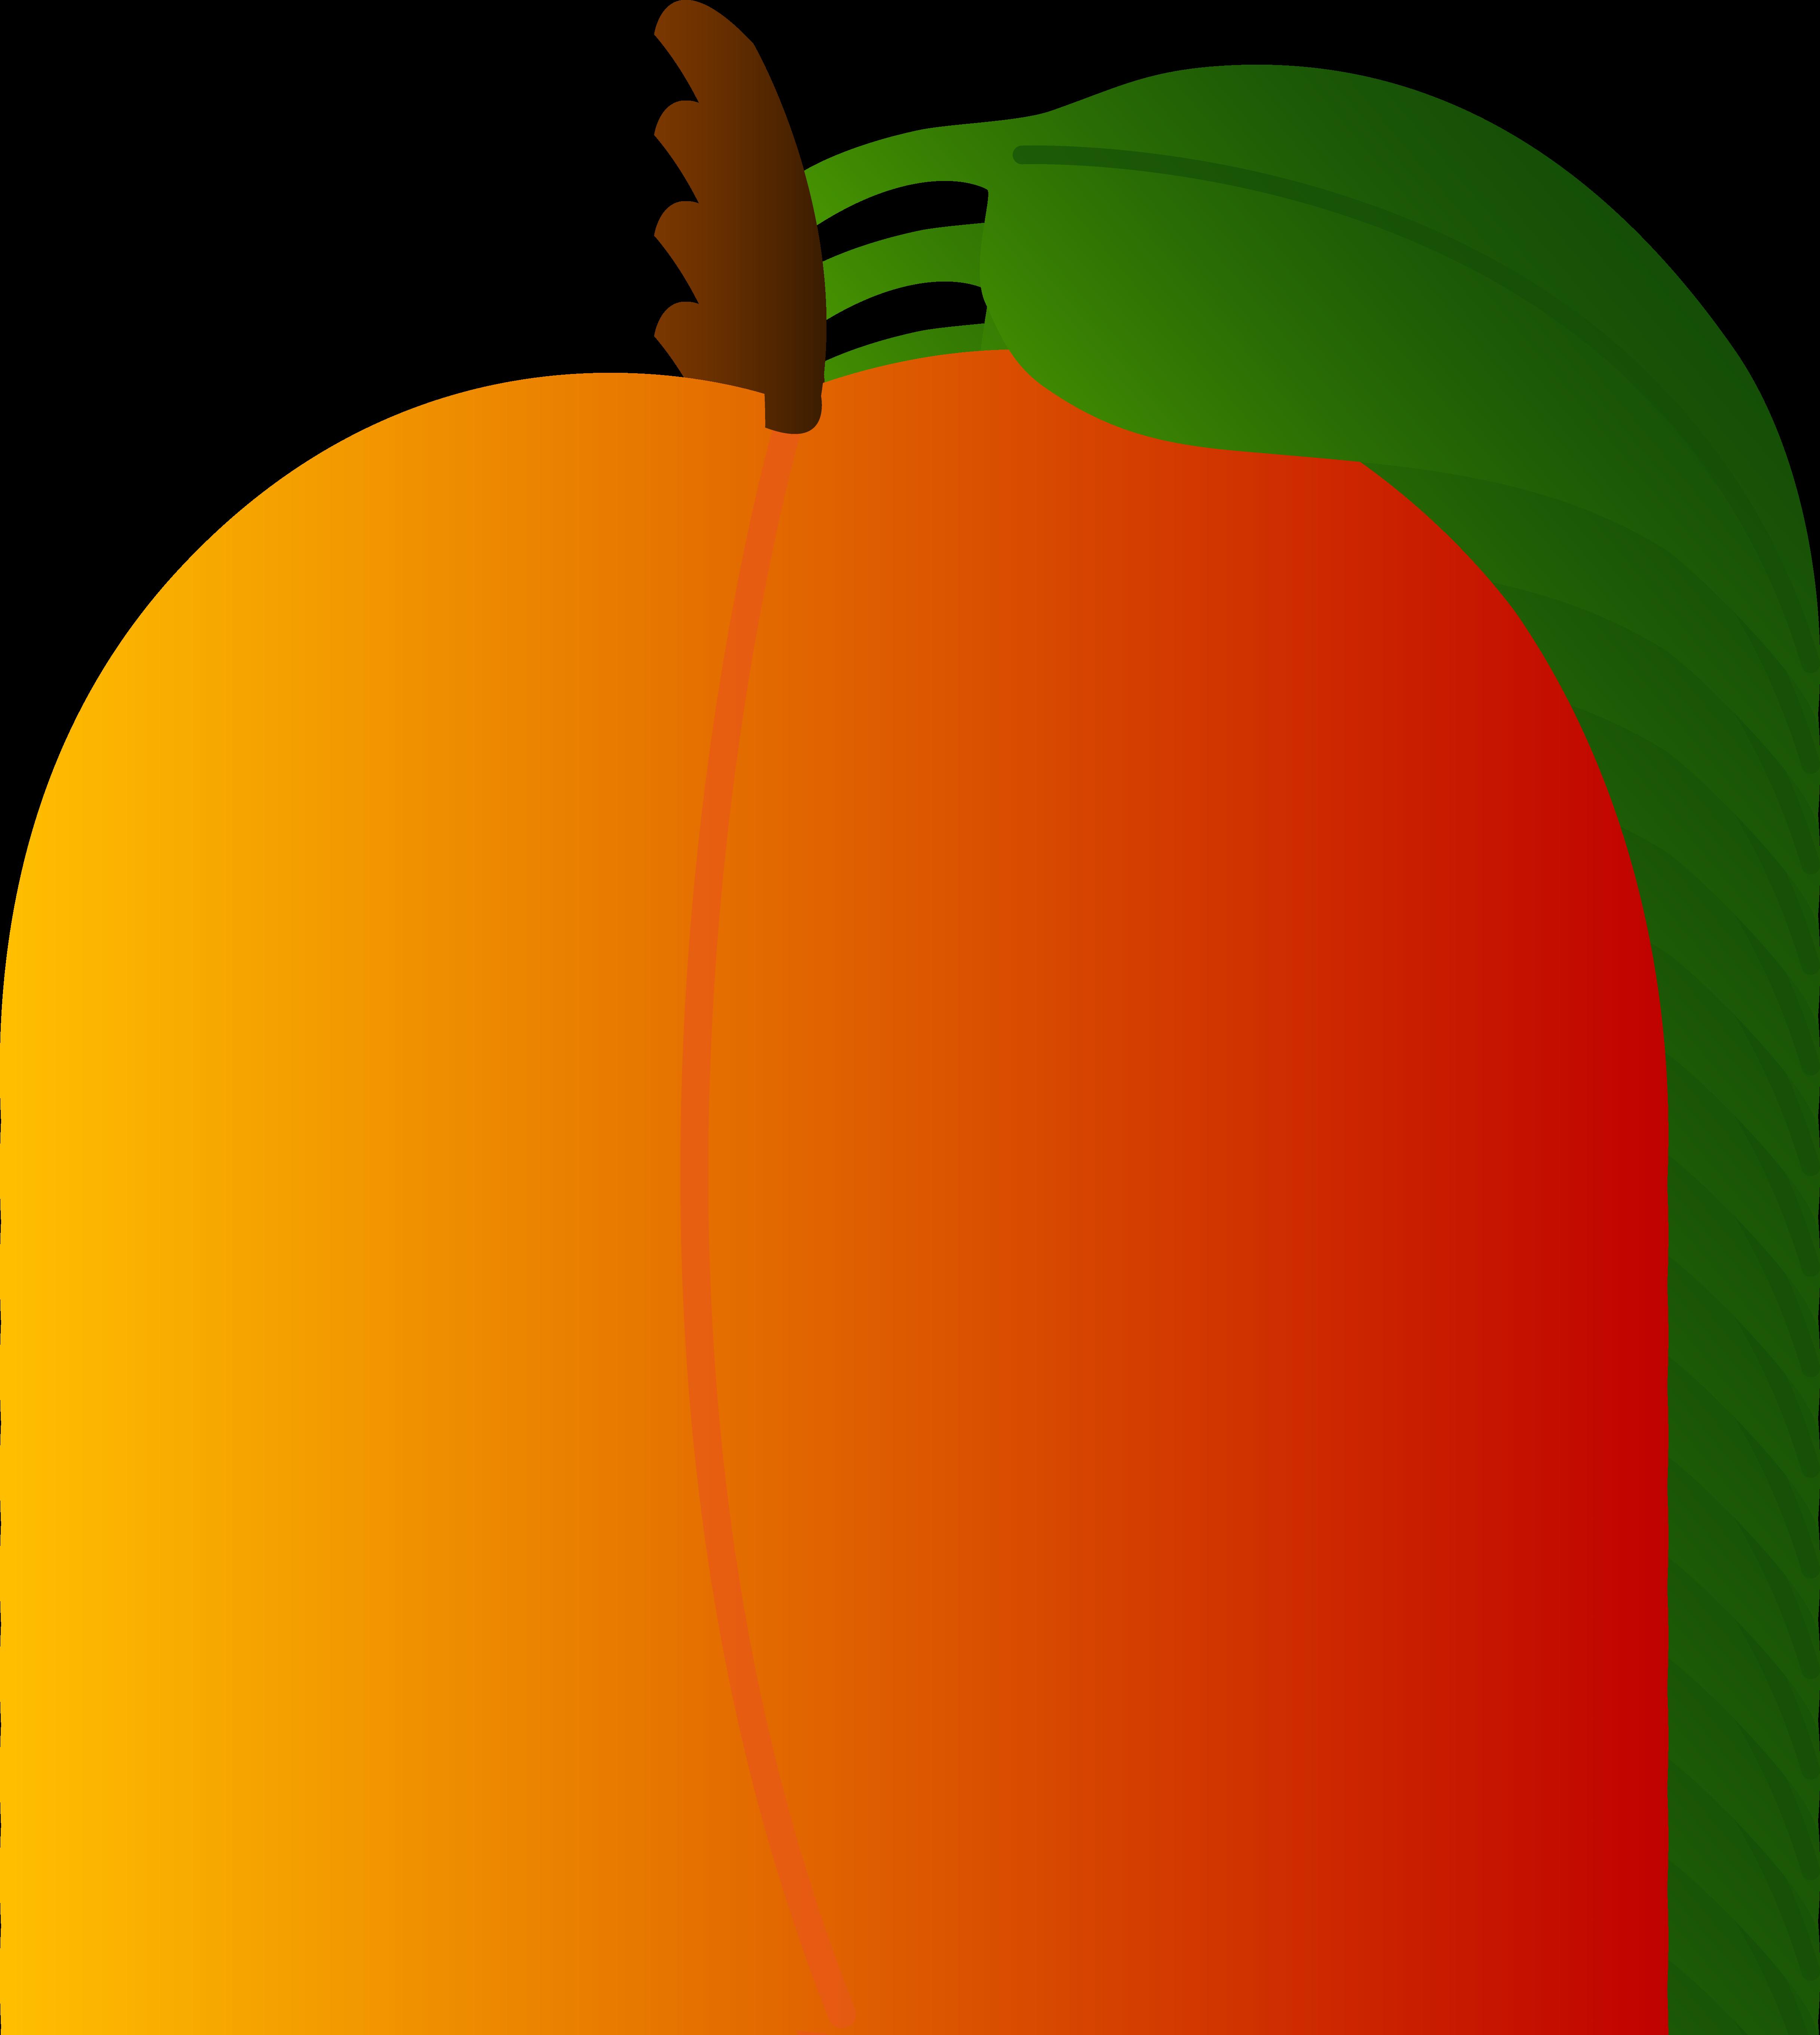 Peach Clip Art Free.